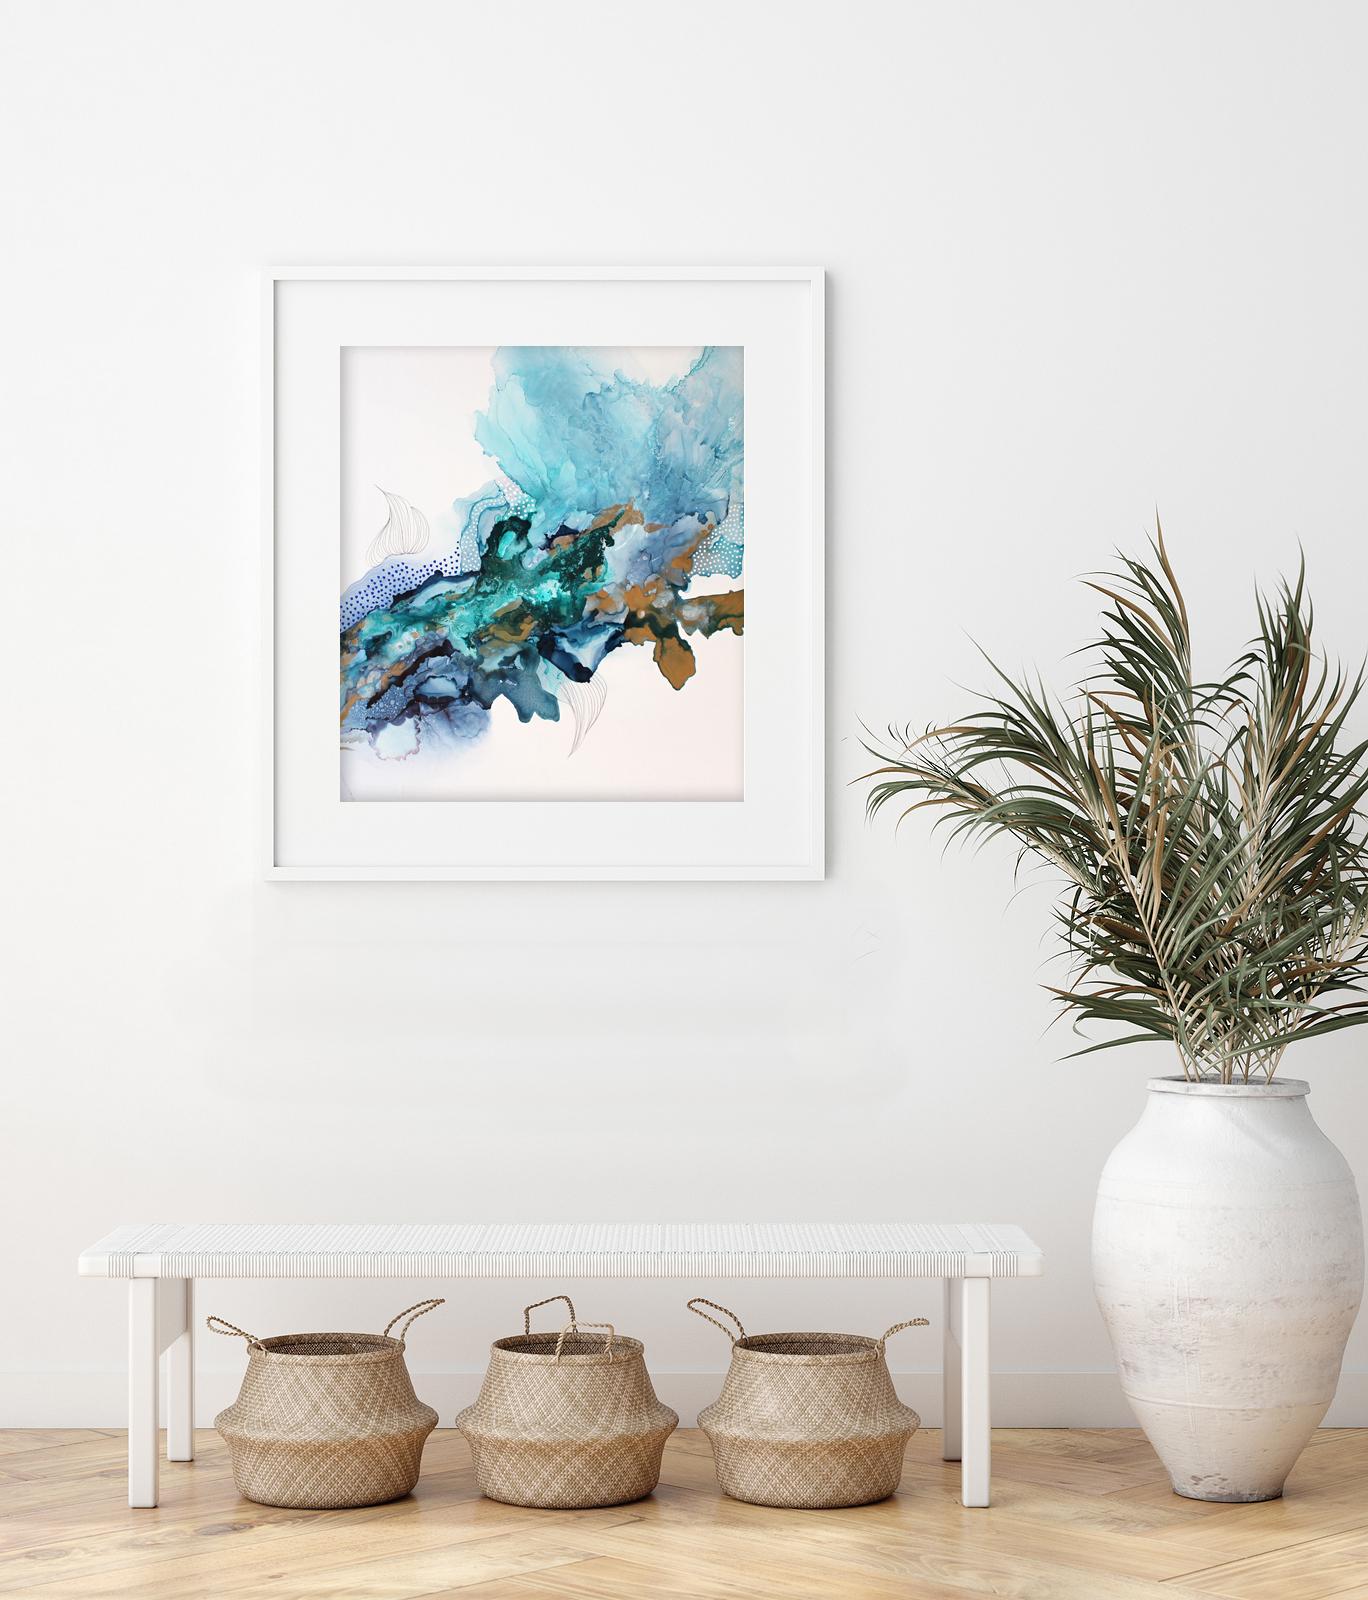 Le temps d'un rêve - Nancy Létourneau - Pixels